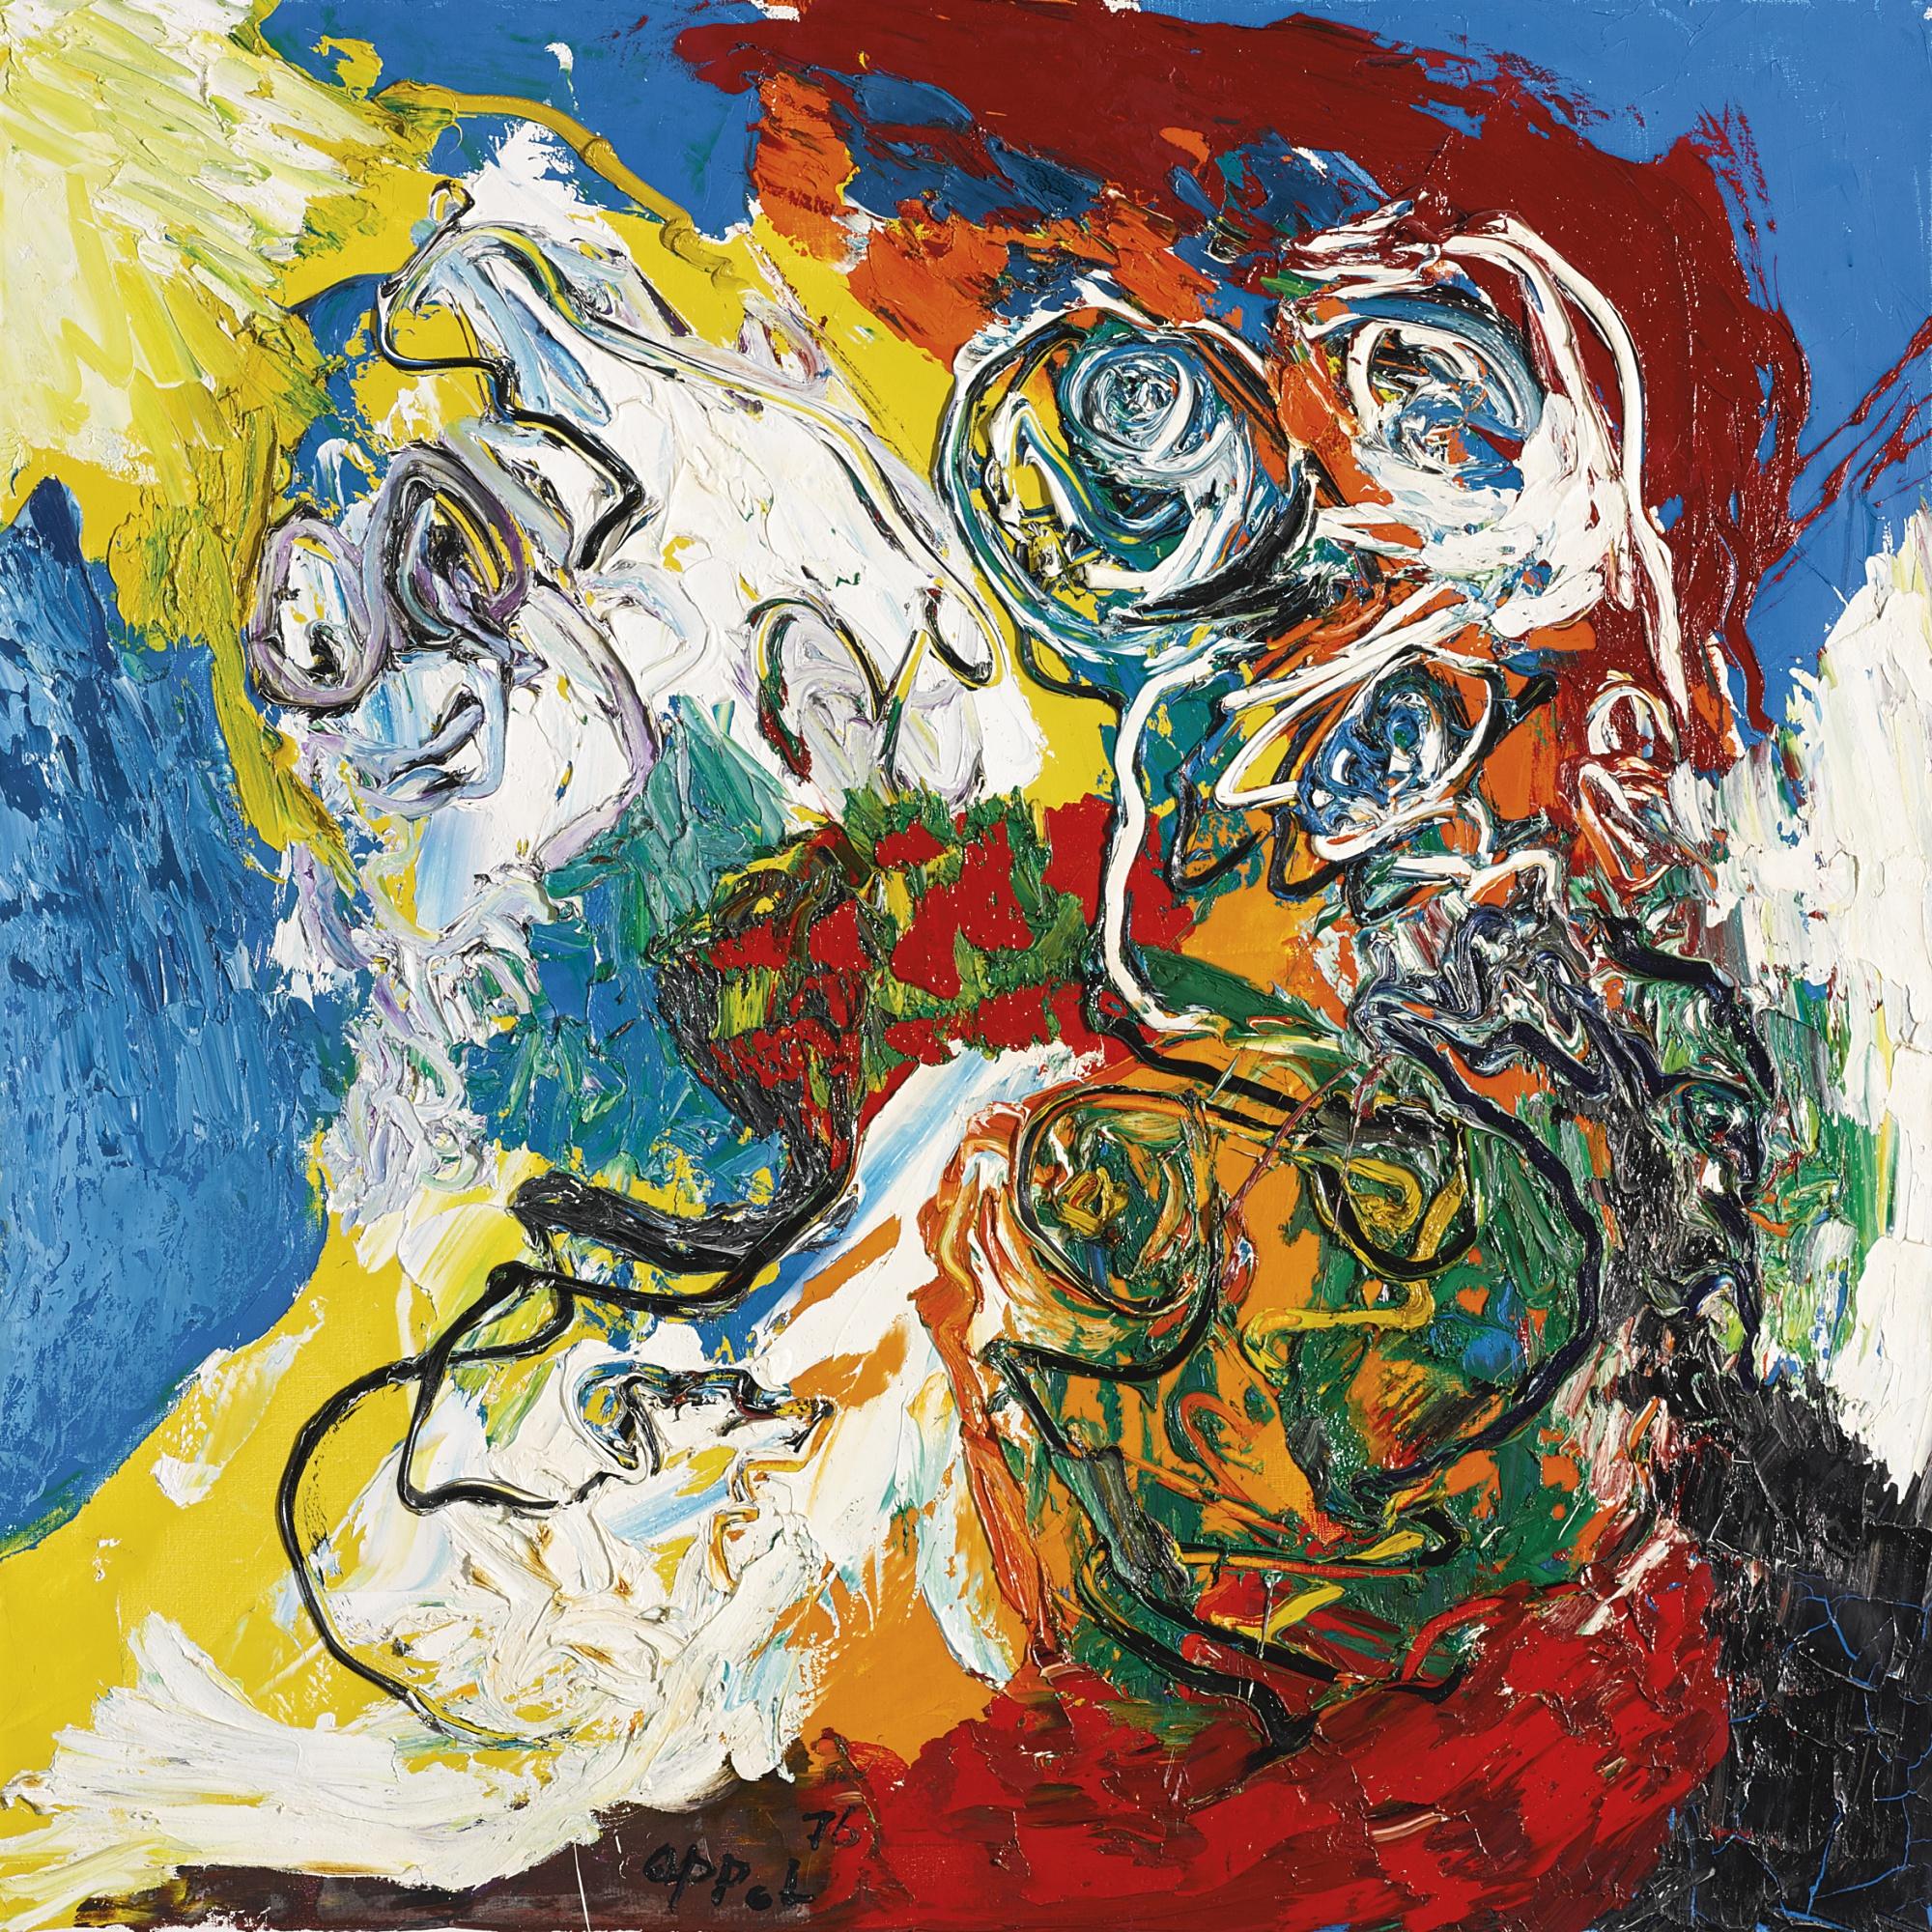 Karel Appel, Smiling Heads (1976)